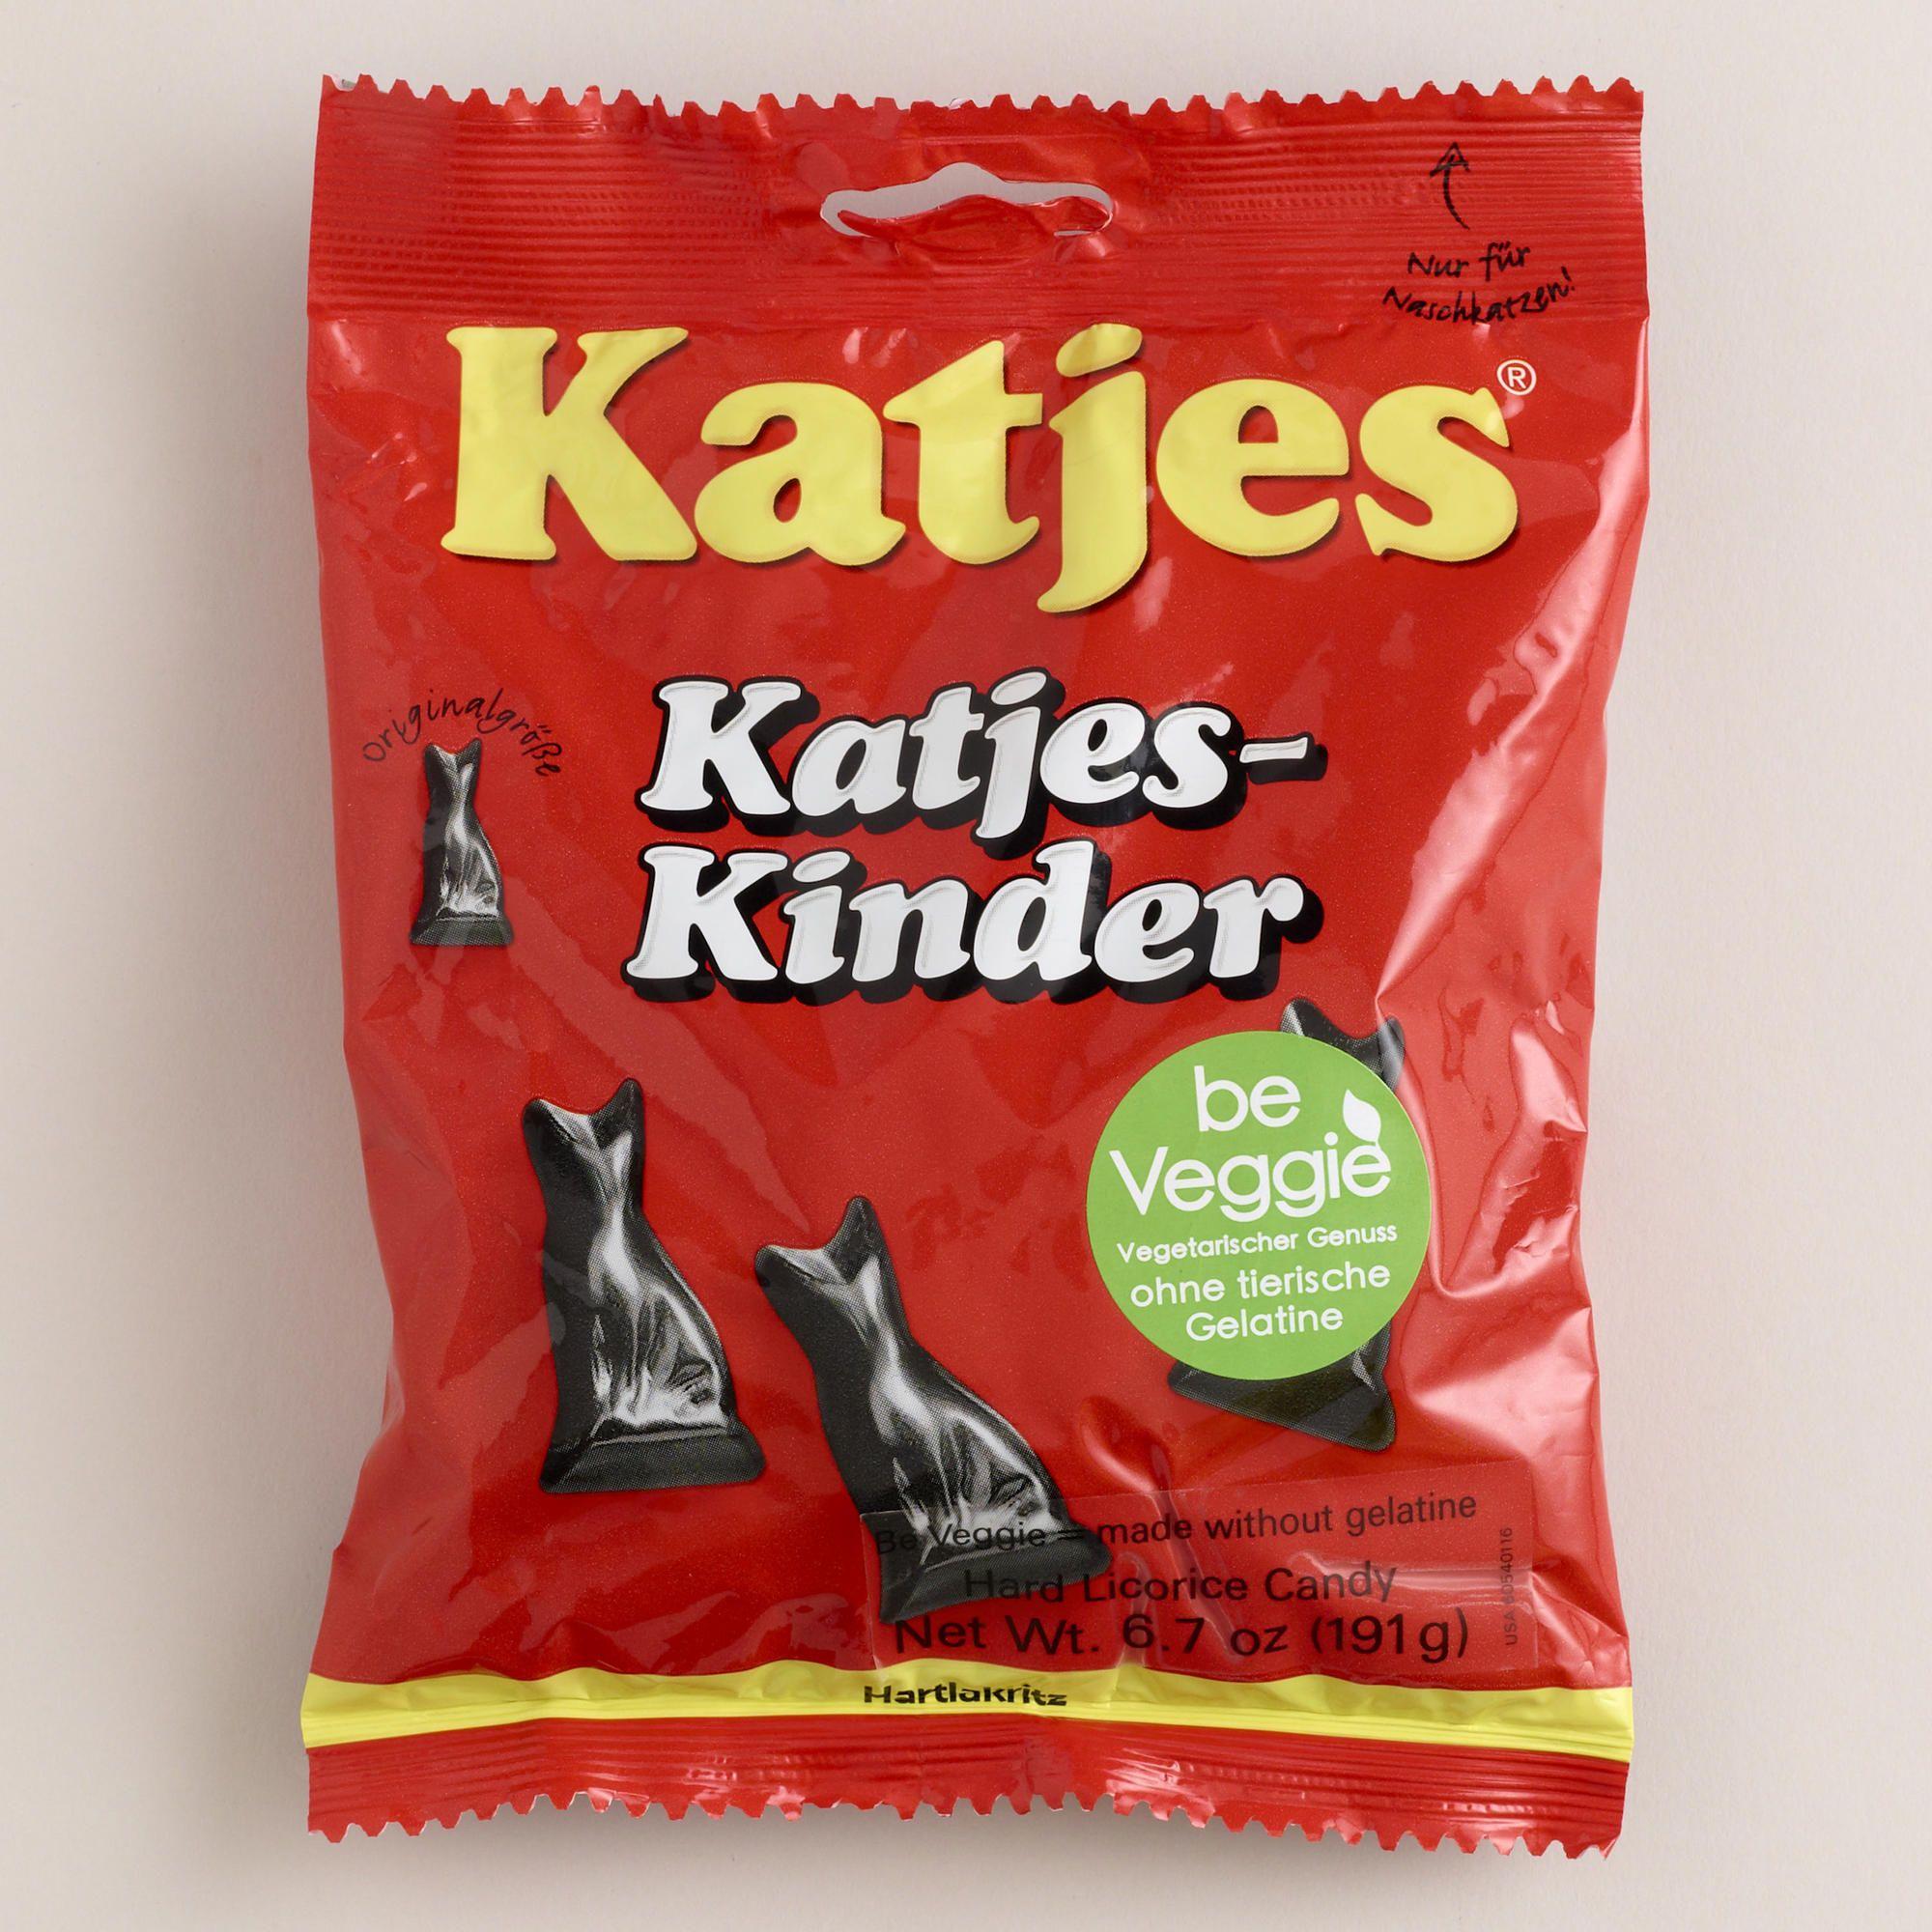 Katjes Licorice Cats, Set of 10 Licorice, Baby formula